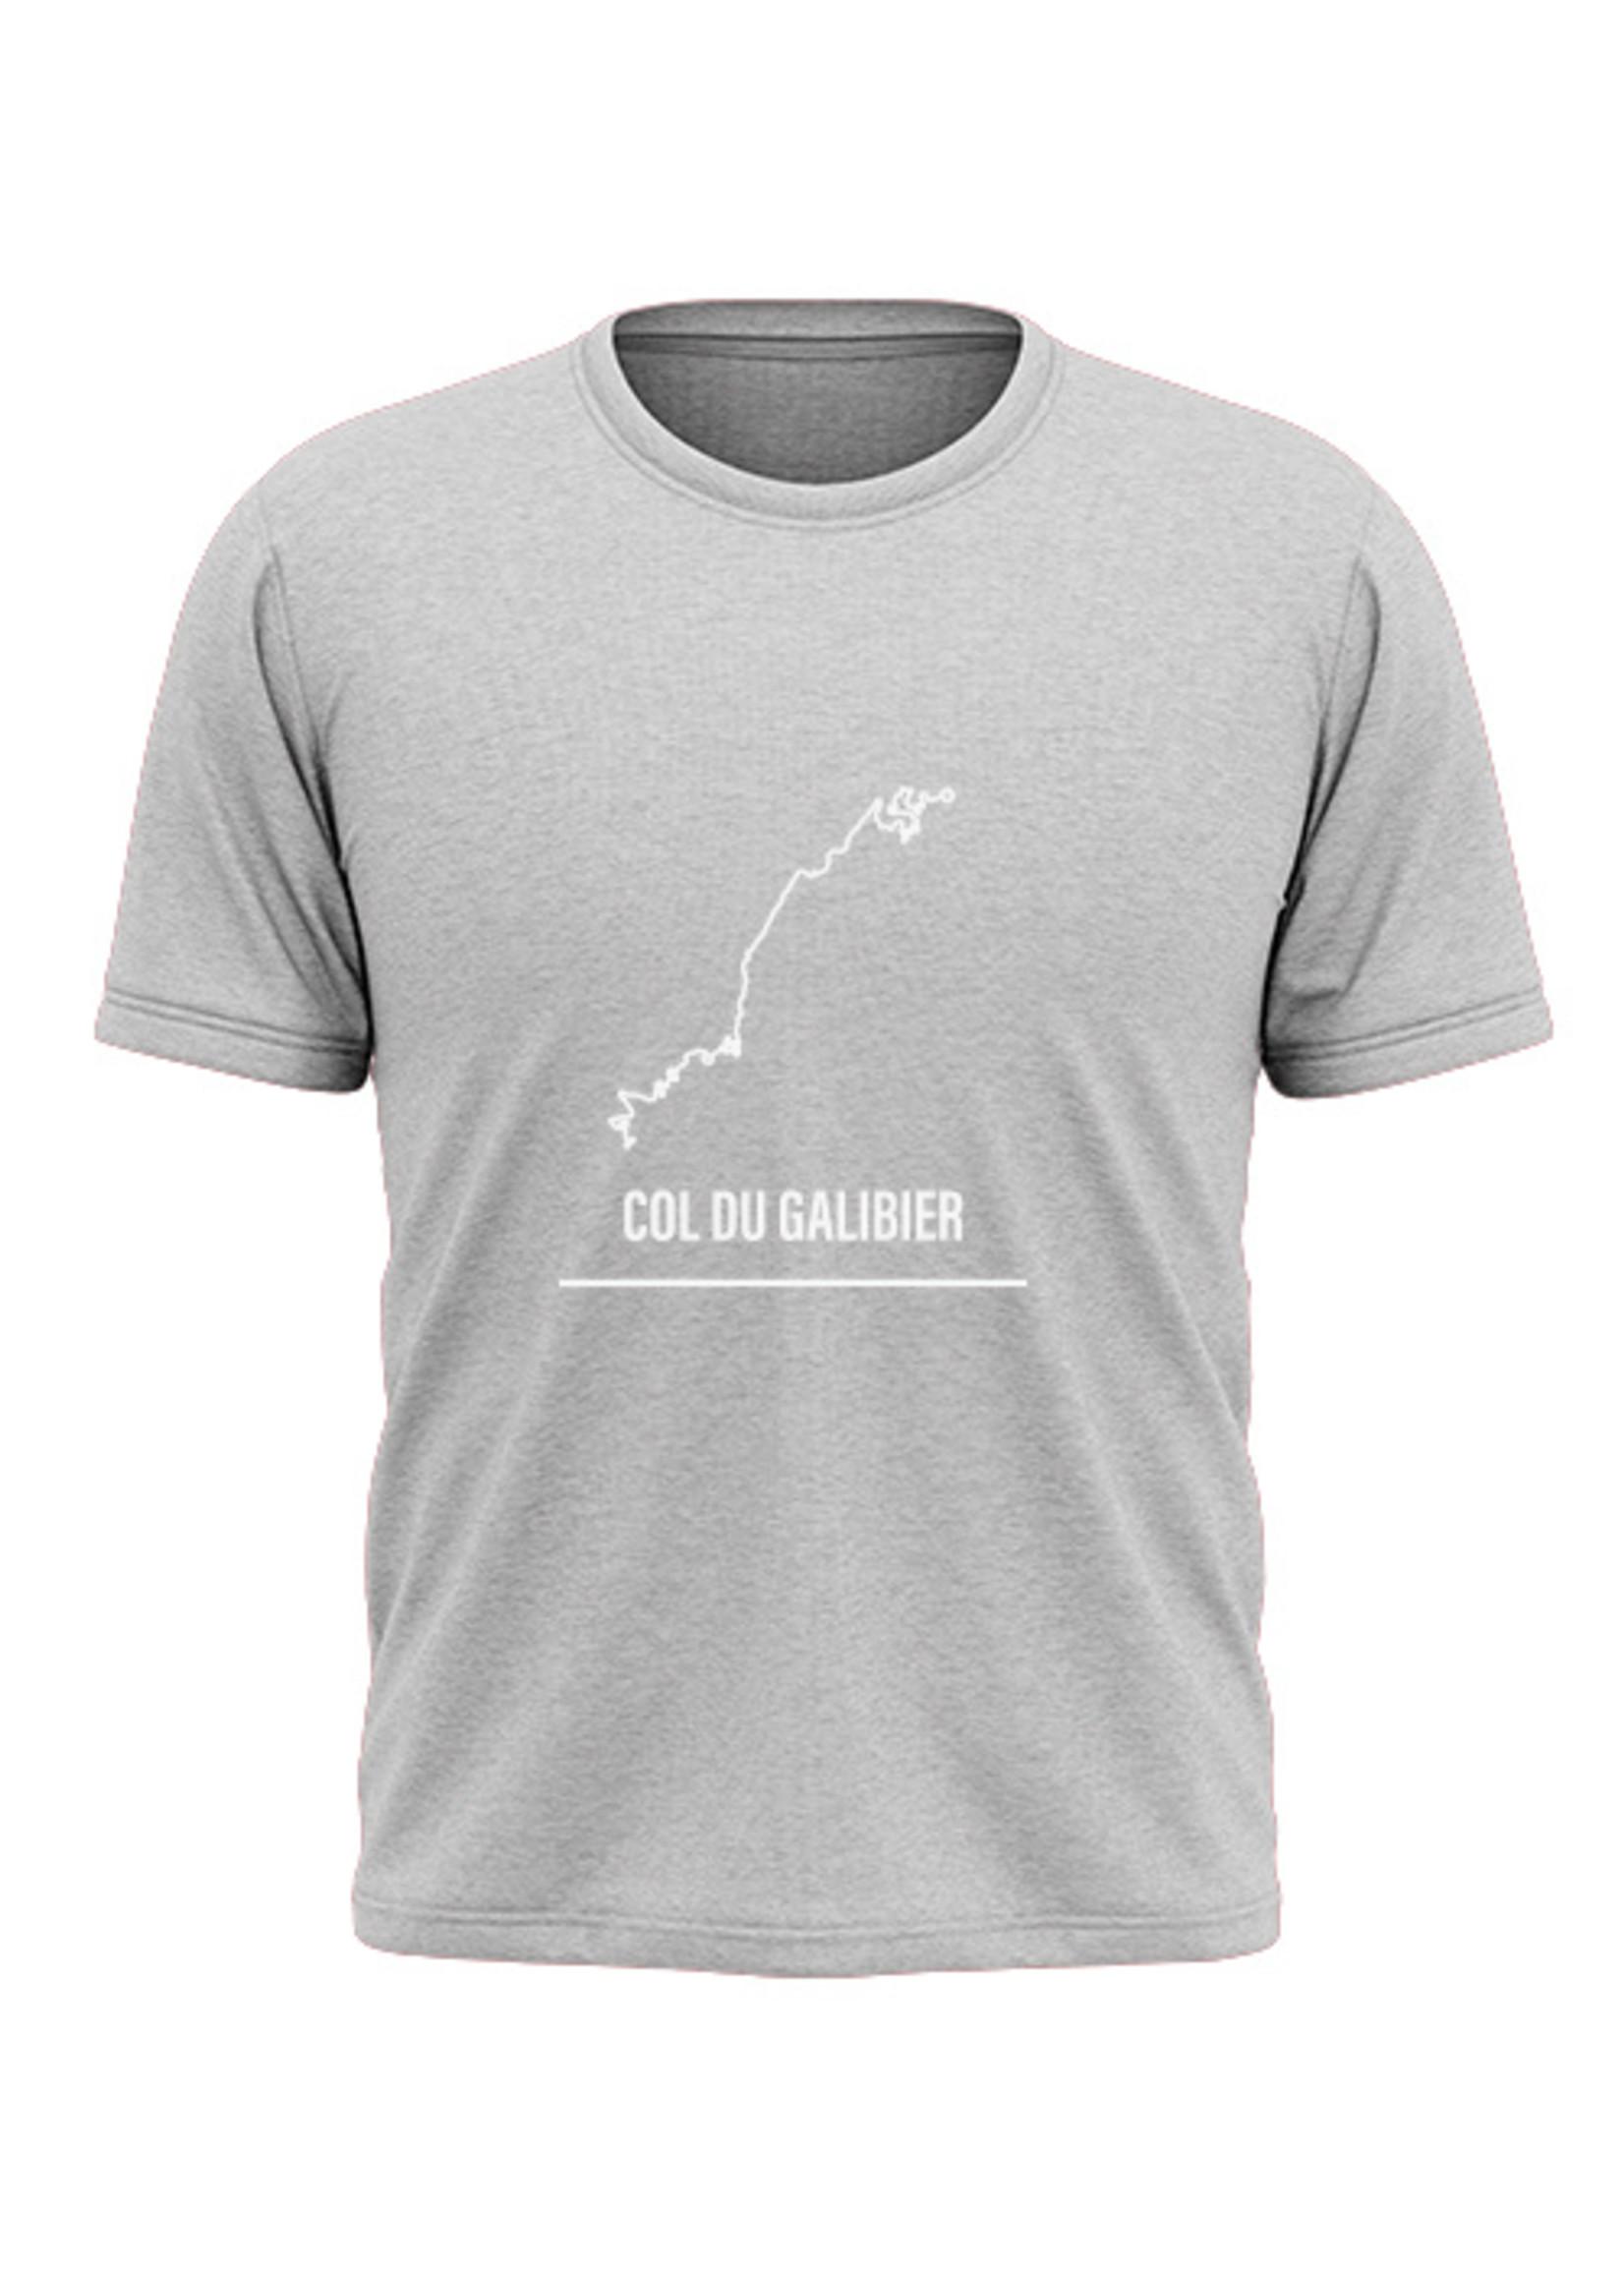 Rebel & Dutch Casual shirt Galibier